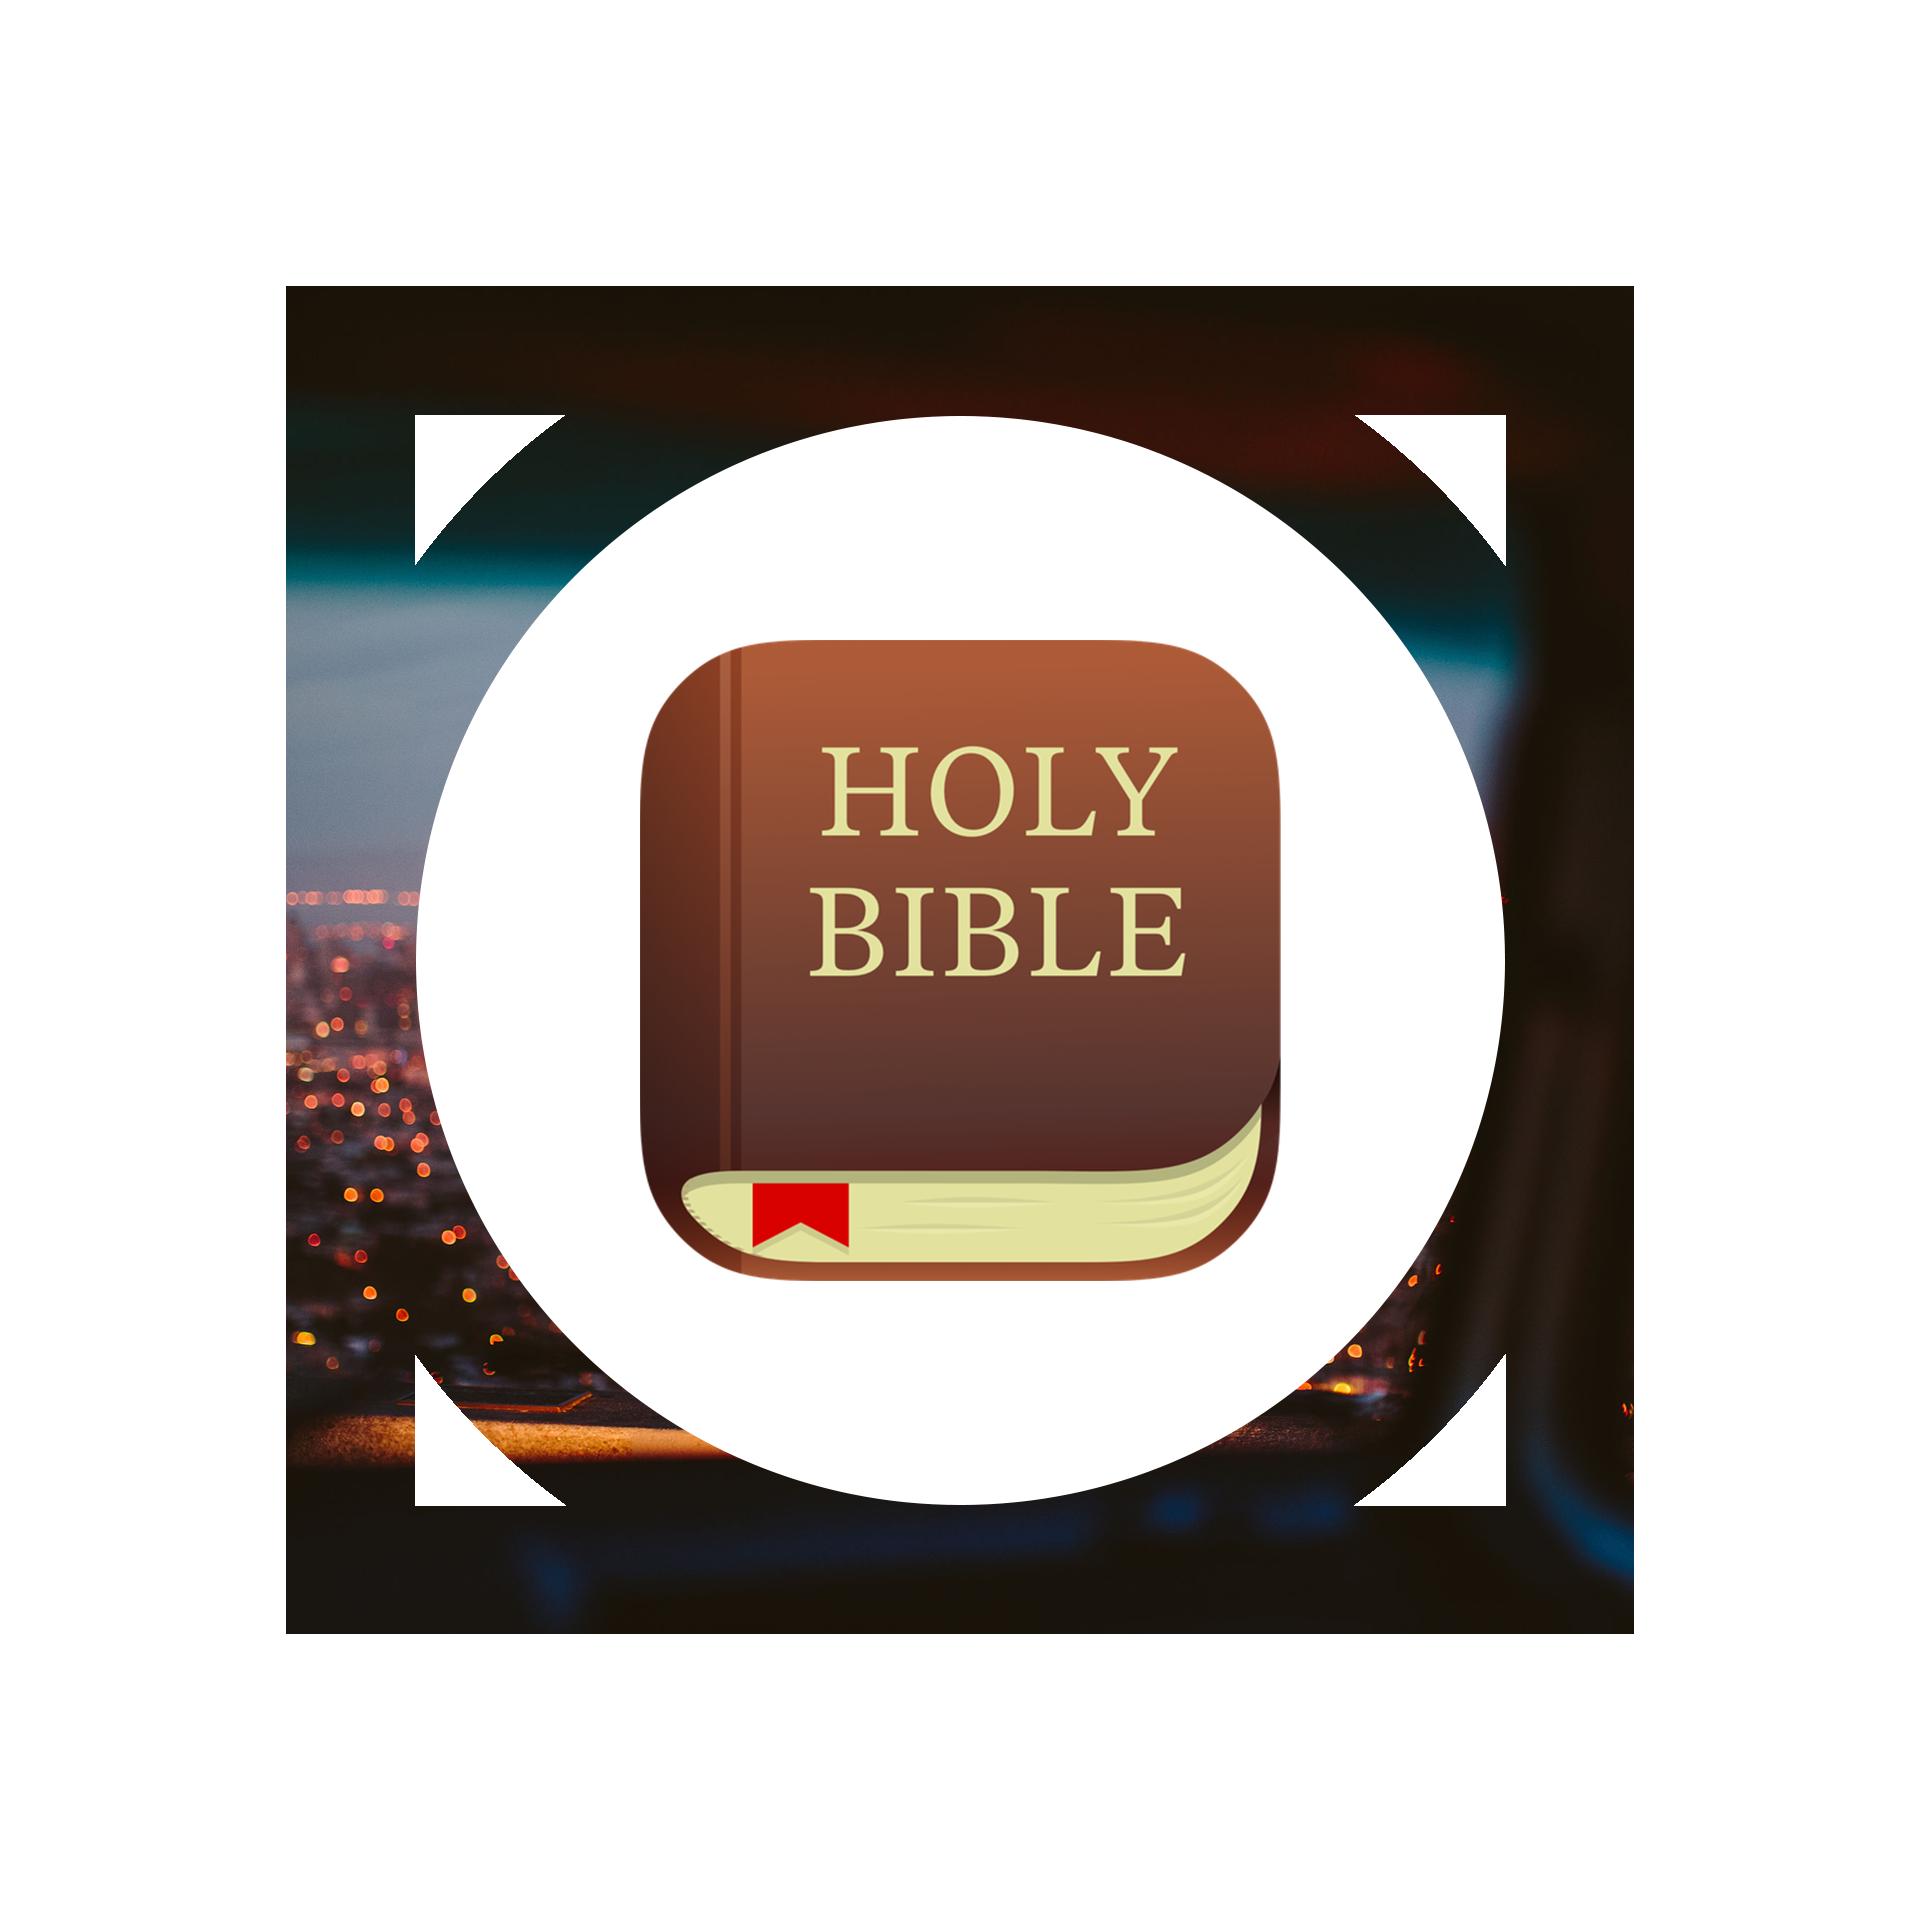 bibleapp.png